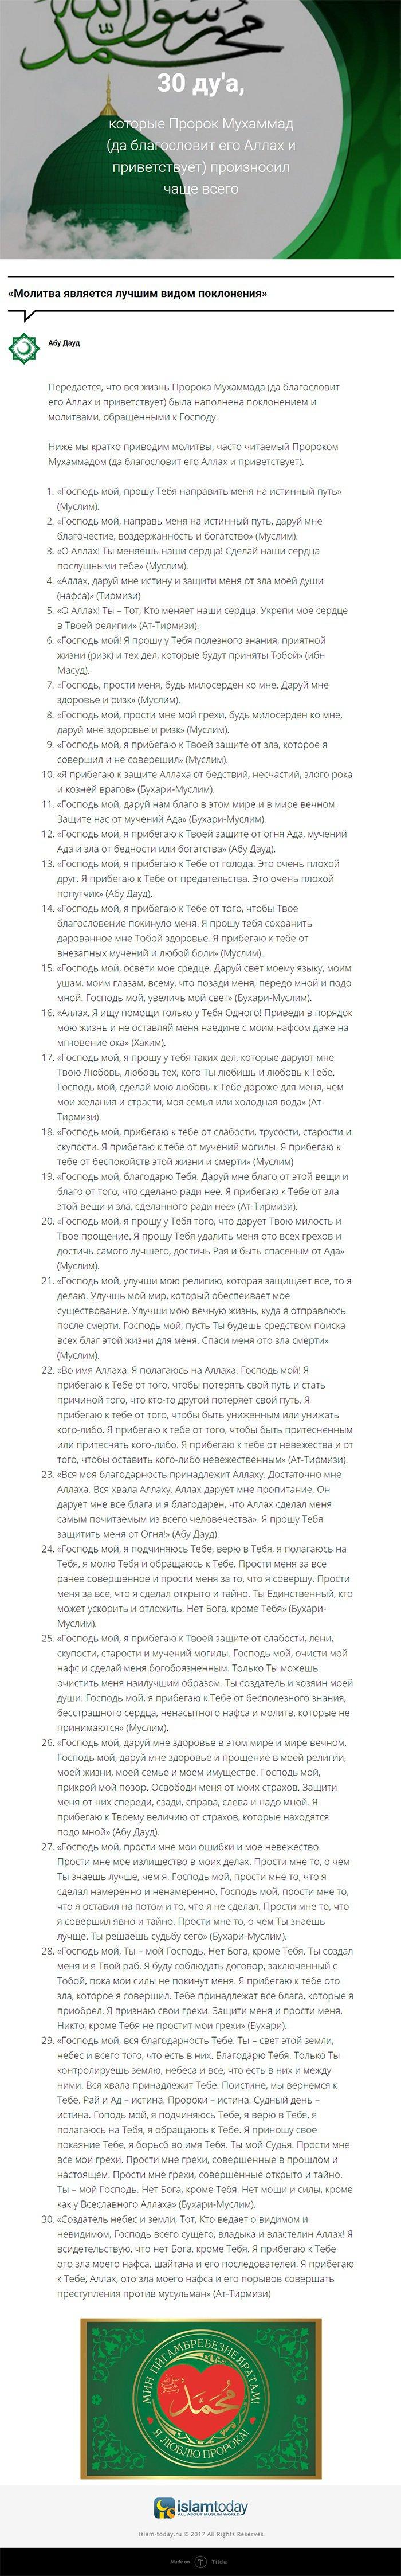 30 самых любимых дуа пророка Мухаммада (мир ему)